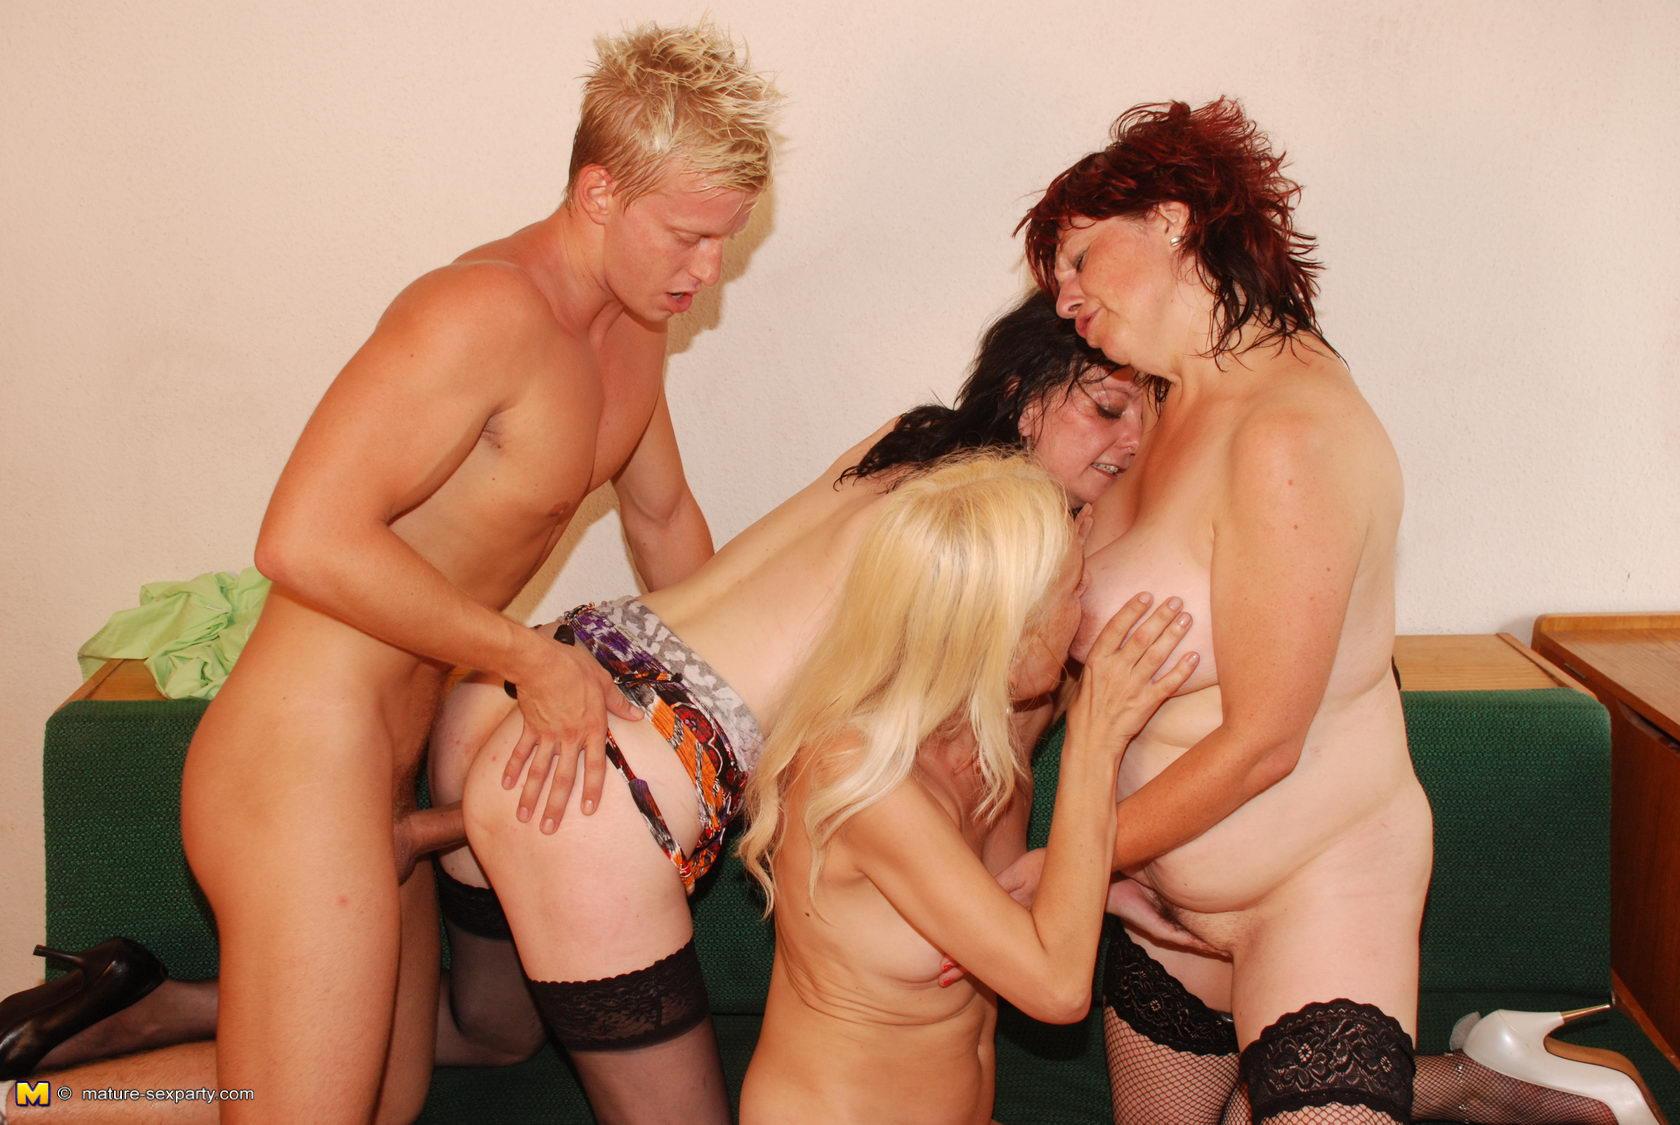 Посмотрим секс молодых ребят с пожилыми и очень пожилыми дамами 4 фотография